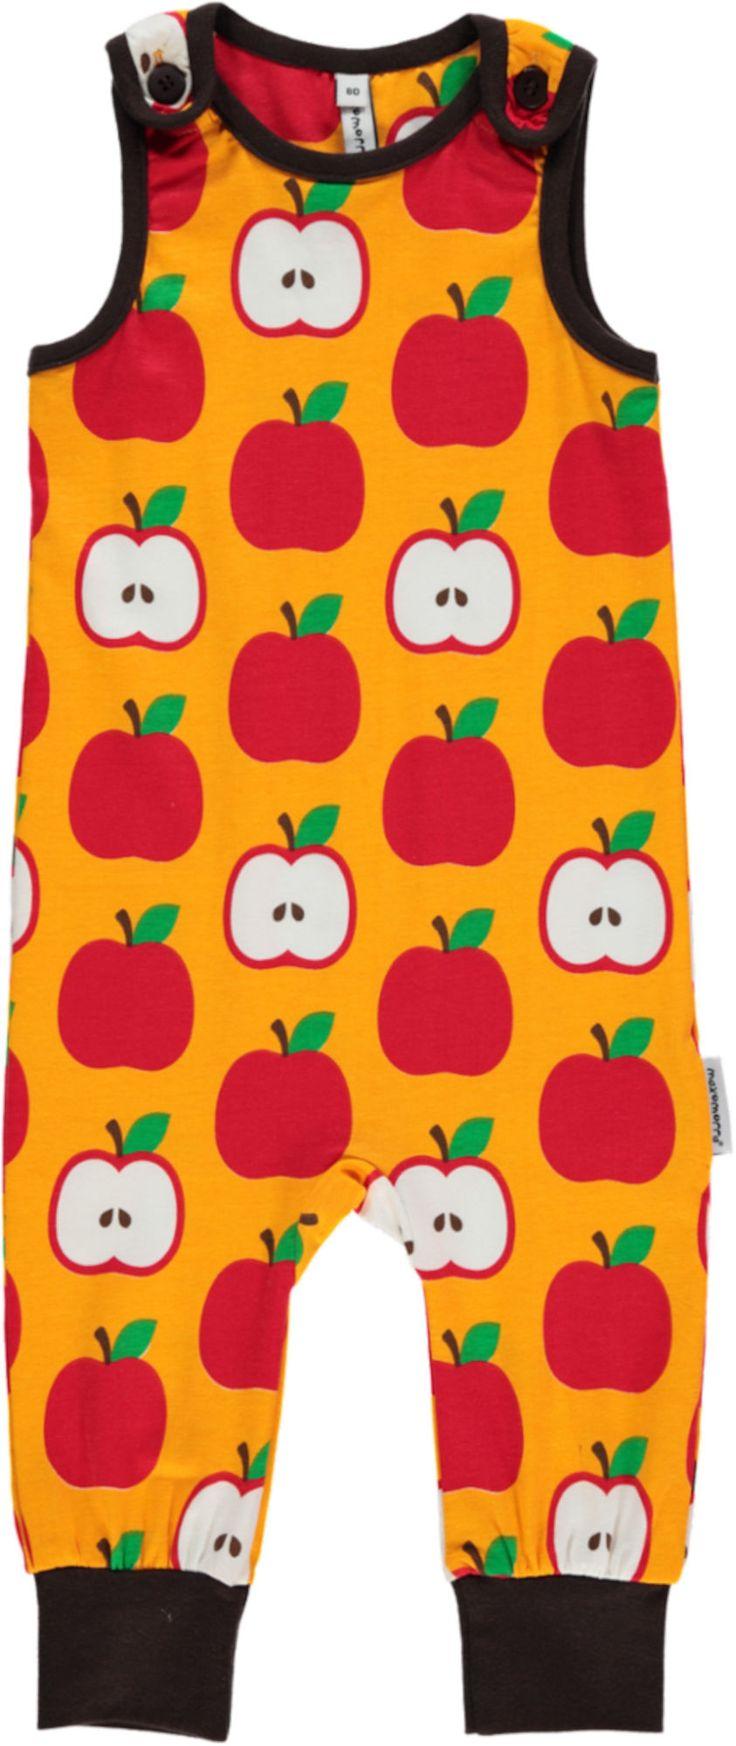 En herlig ermeløs jumpsuit fra svenske maxomorra. Jumpsuiten Apple har et fargerikt eple-mønster med kontrastfargede ribbekanter. Sparkedressen har trykknapper på skuldrene for enkel av- og påkledning. En myk sparkedress som er lett og ledig å bevege seg i for de minste.<br><br>Klærne fra maxomorra er kjente for sine spreke farger og morsomme mønstre. Materialene er GOTS-sertifiserte og økologiske, slik at du kan være trygg på at både barna og naturen blir godt ivaretatt!<br><br>Materiale…